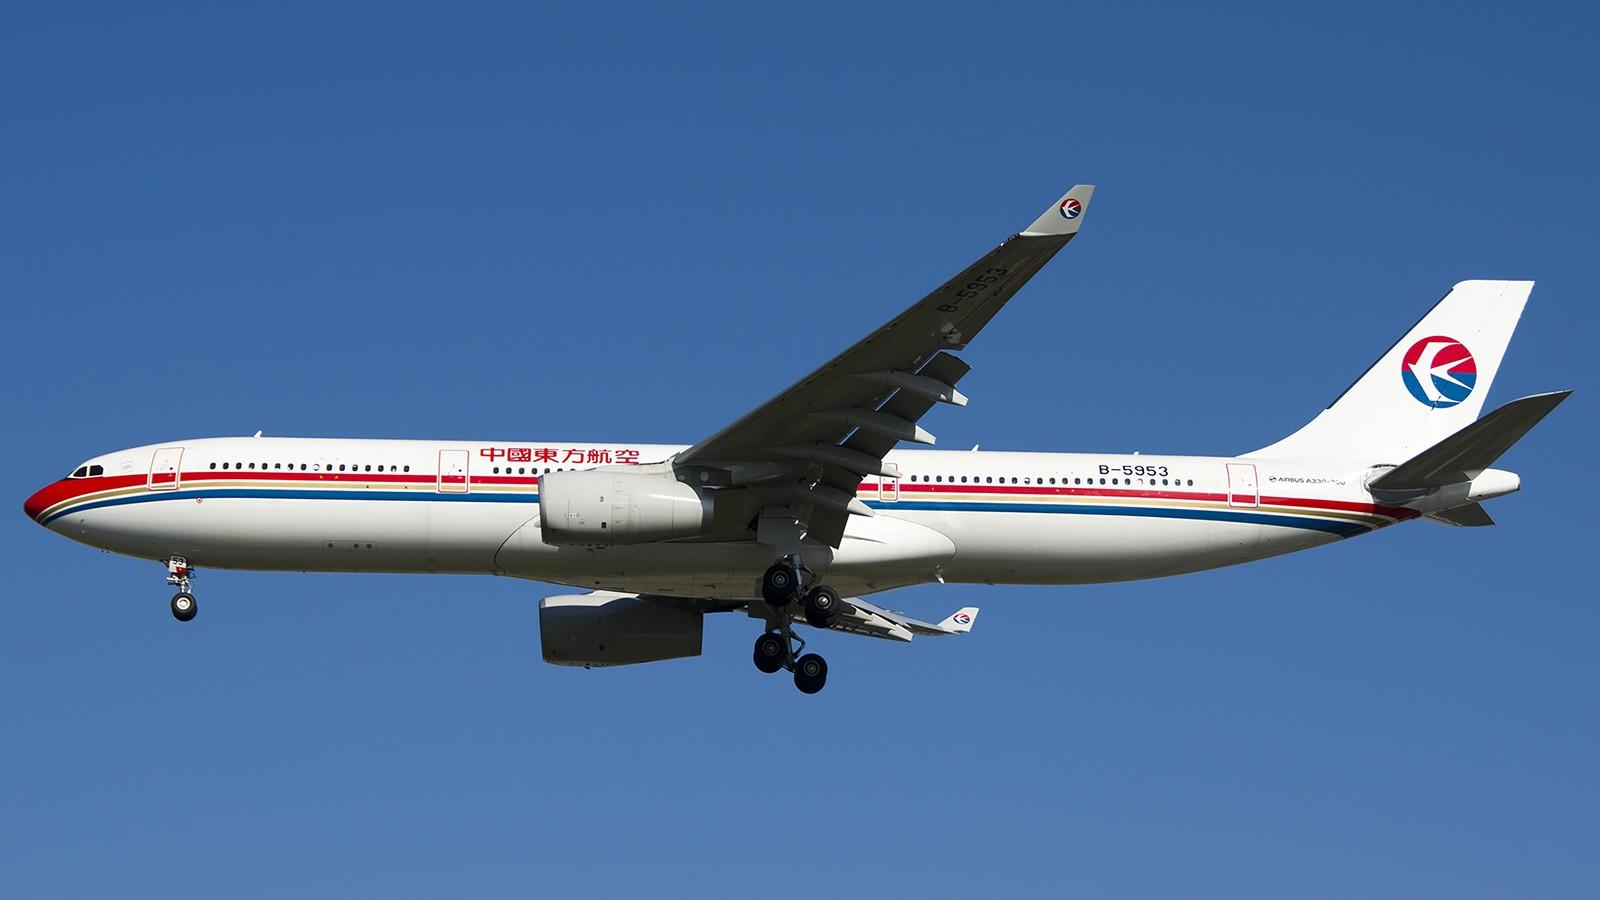 Re:[原创]难得赶上PEK周末好天气,各种常见机型都有收获 AIRBUS A330-300 B-5953 中国北京首都机场